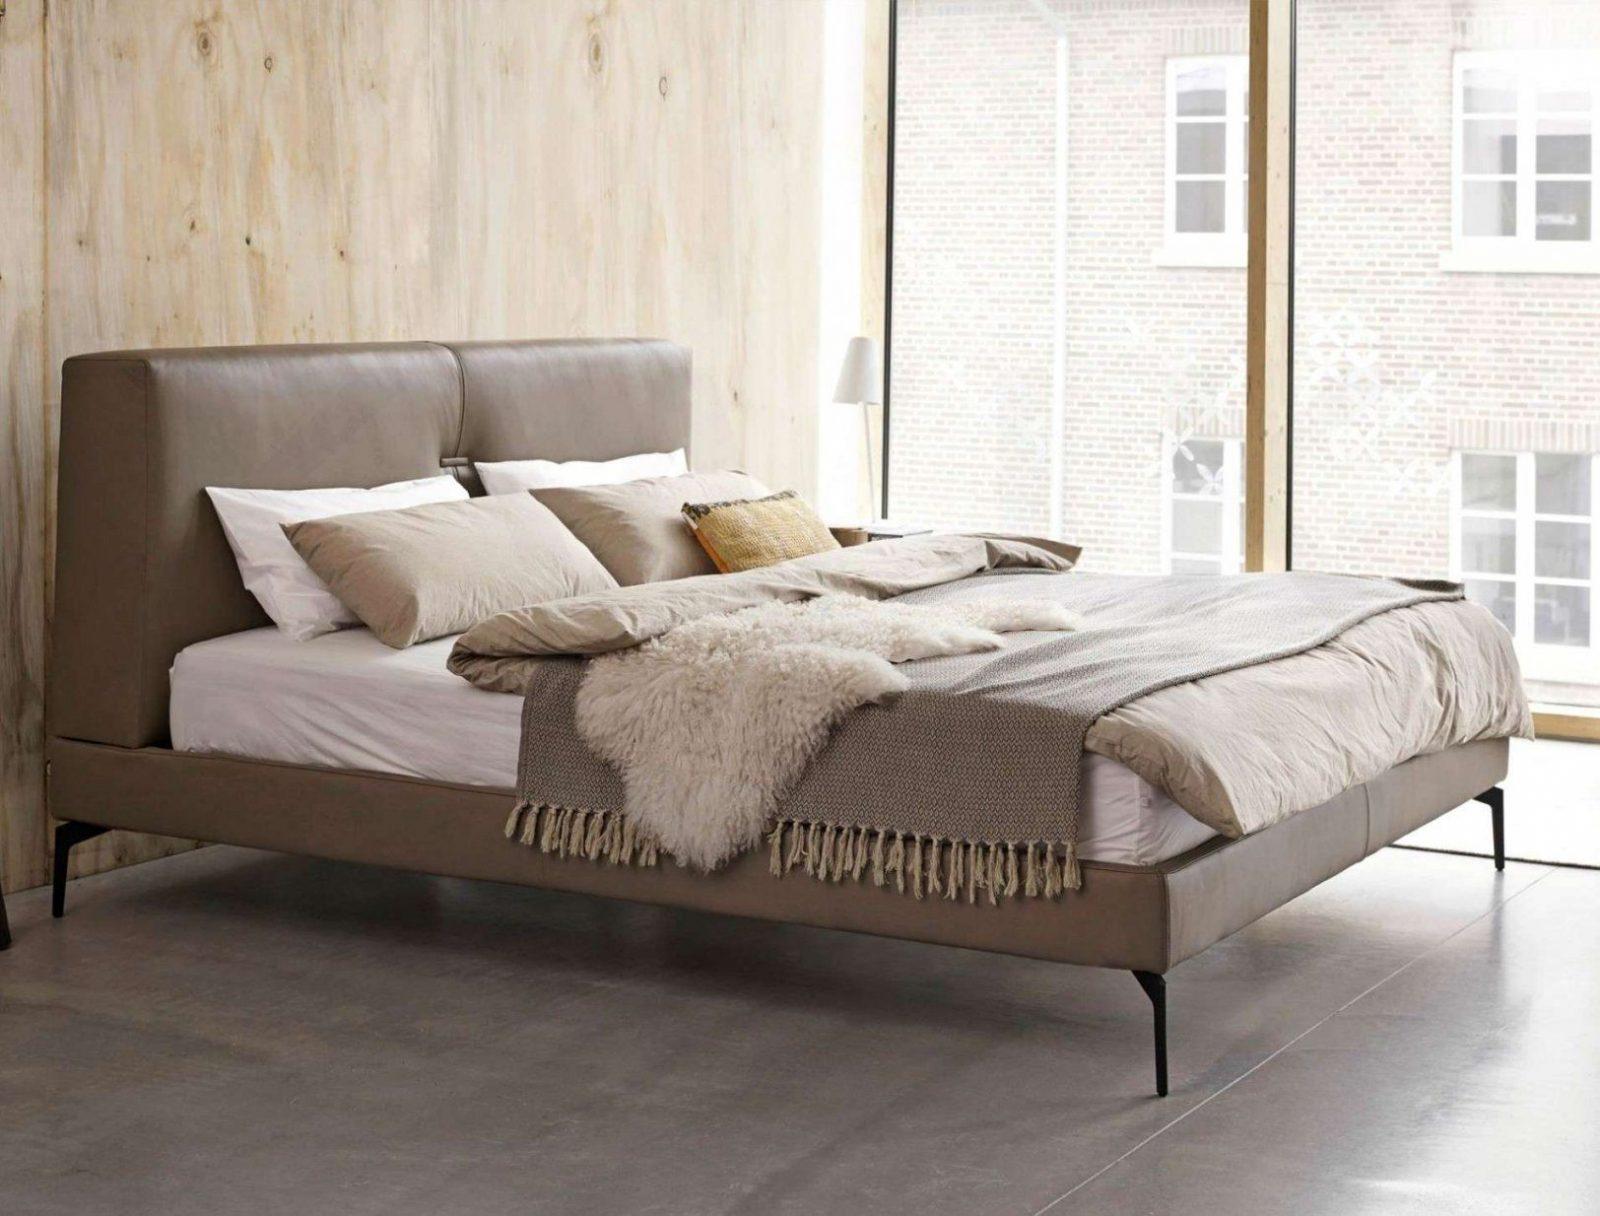 Beliebt Bett Kopfteil Gepolstert Kopfteil Bett Selber Machen Polster von Bett Kopfteil Gepolstert Selber Machen Bild